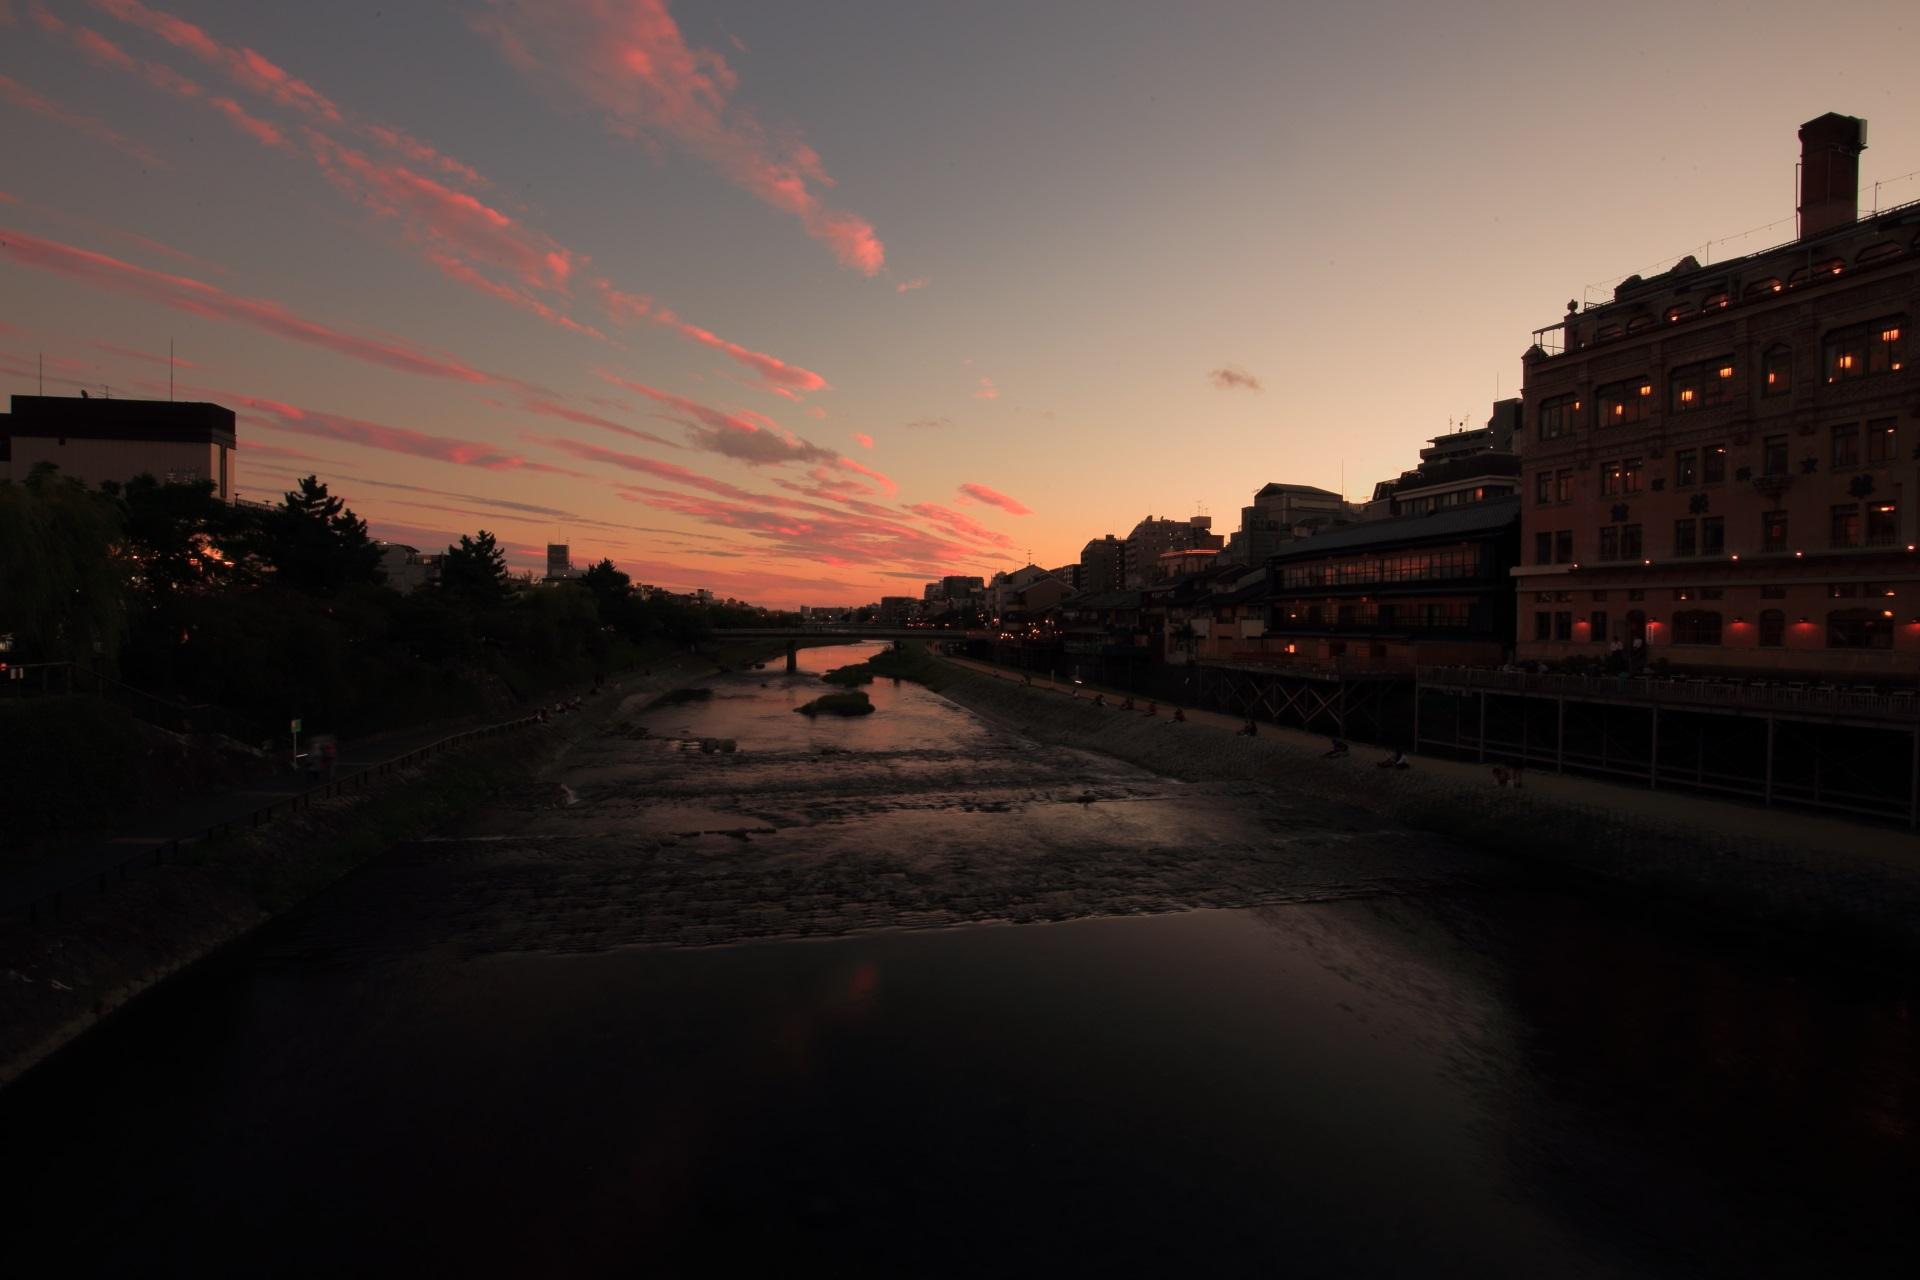 四条大橋から眺めた鴨川の夕焼け